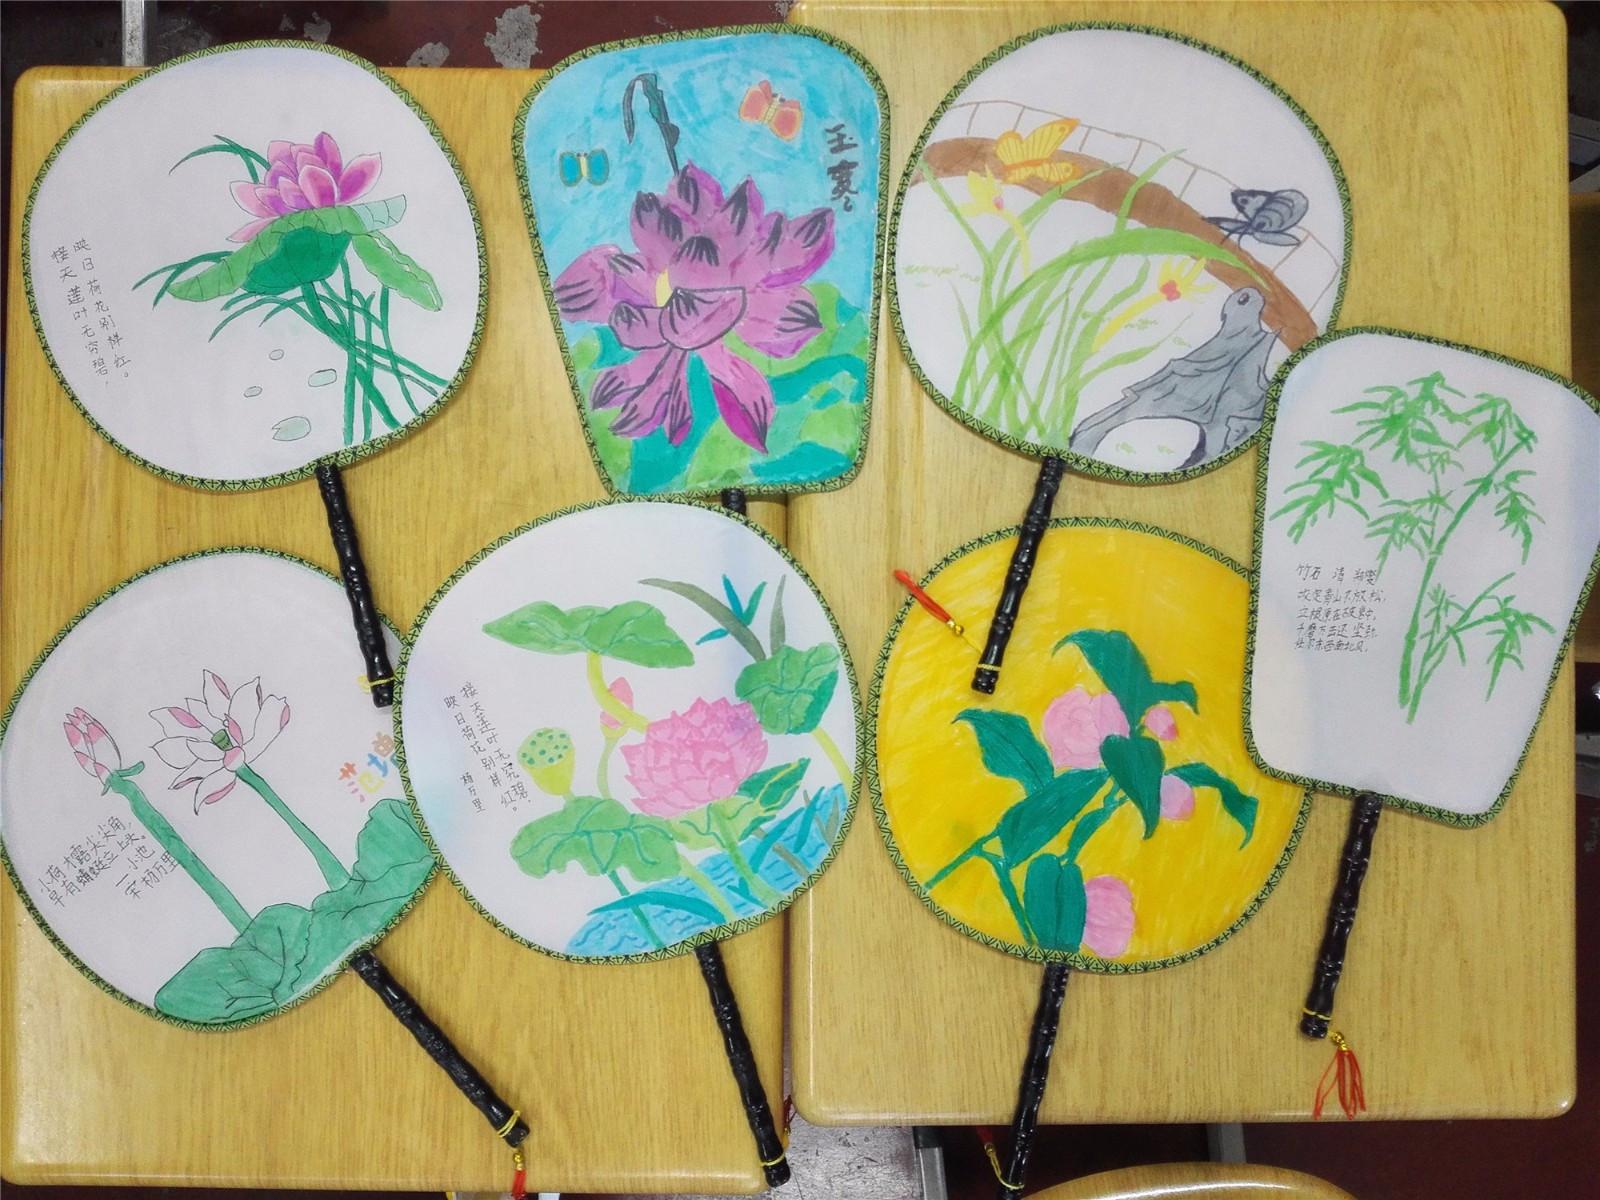 儿童手绘团扇活动方案